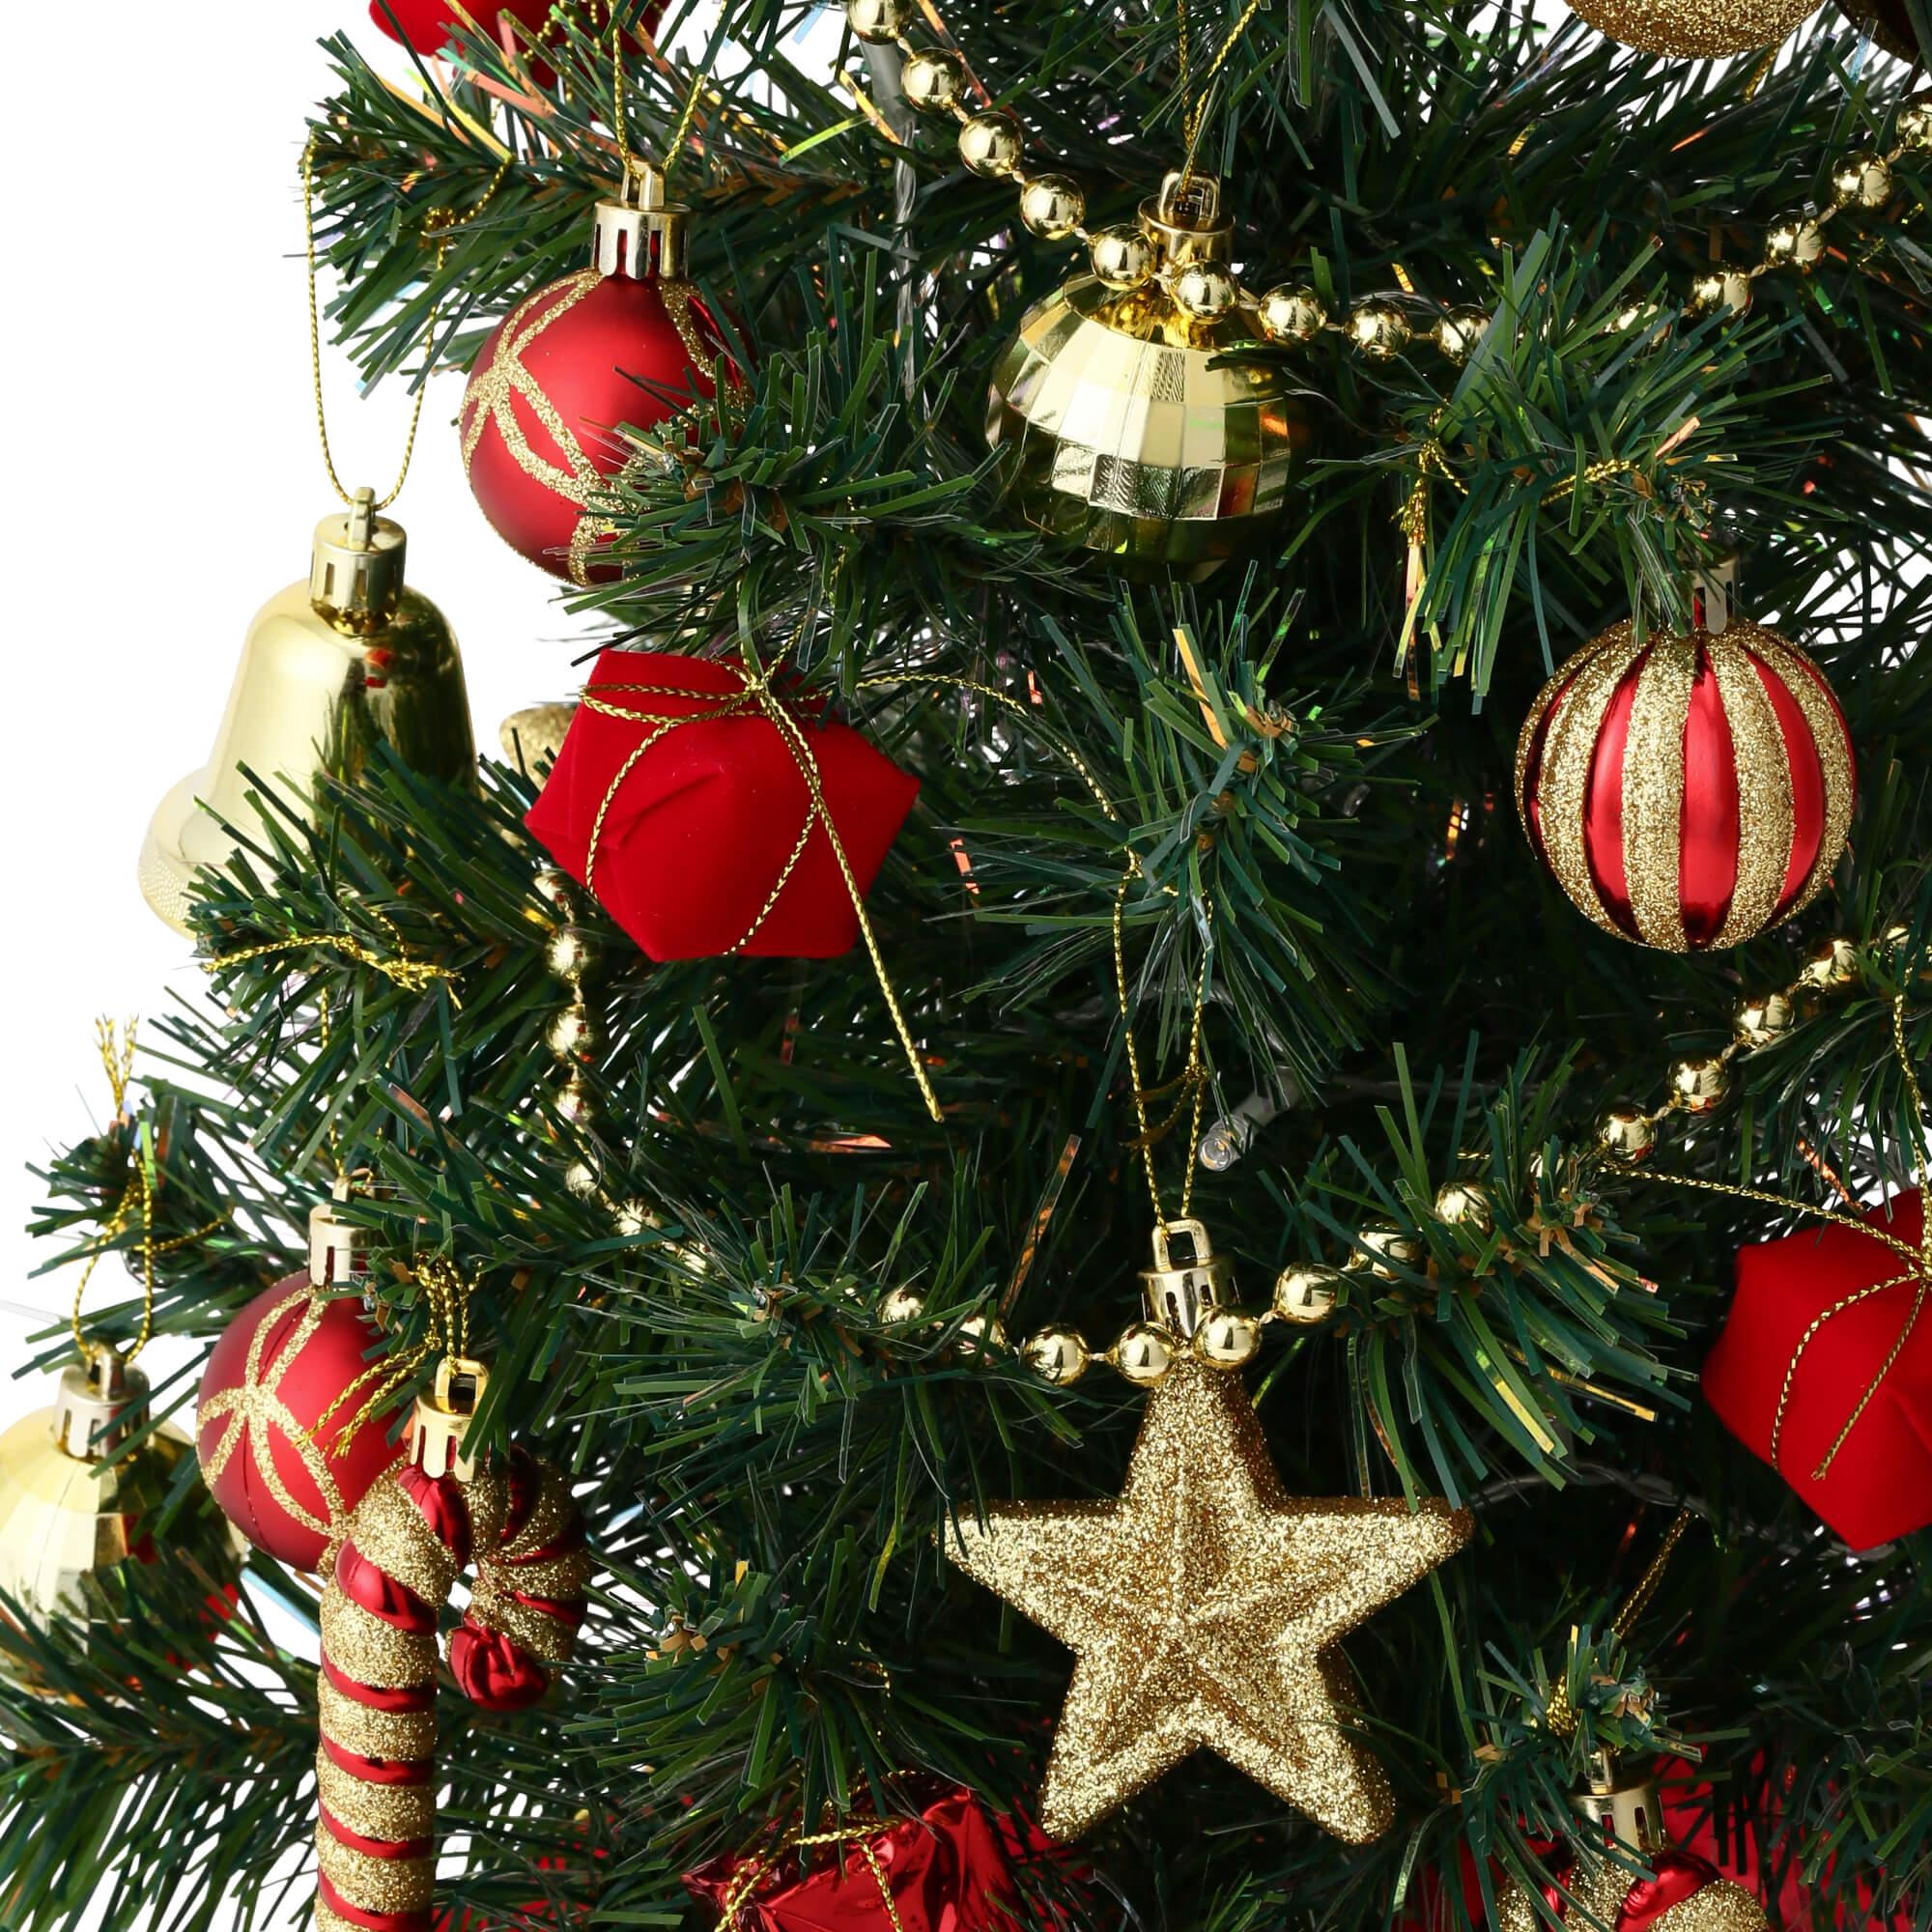 クリスマスツリー スターターセット60cm グリーンのオーナメント